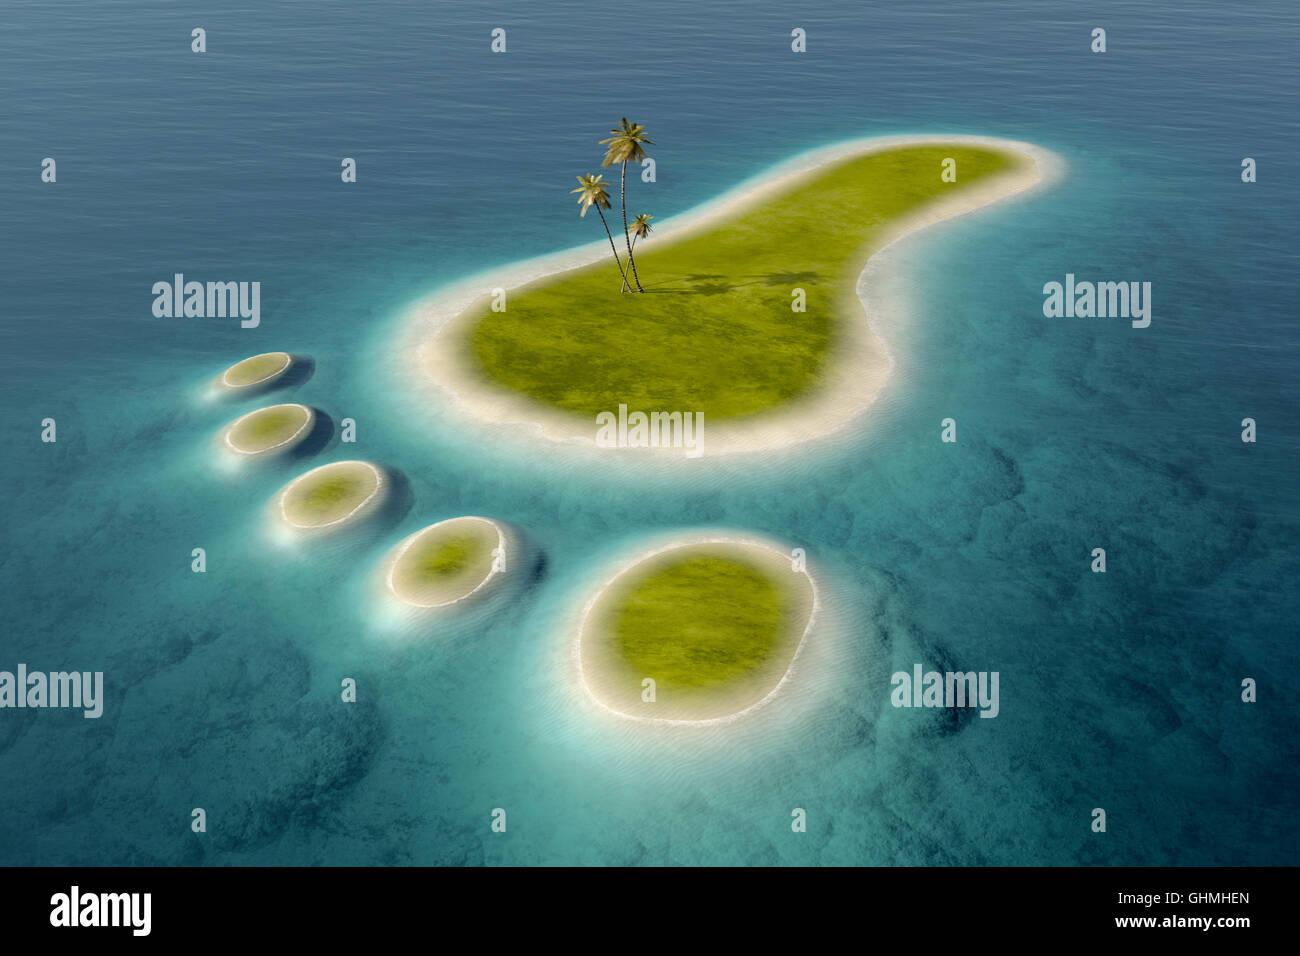 Îles vertes avec des plages de sable blanc dans la forme d'une empreinte écologique entouré de Photo Stock